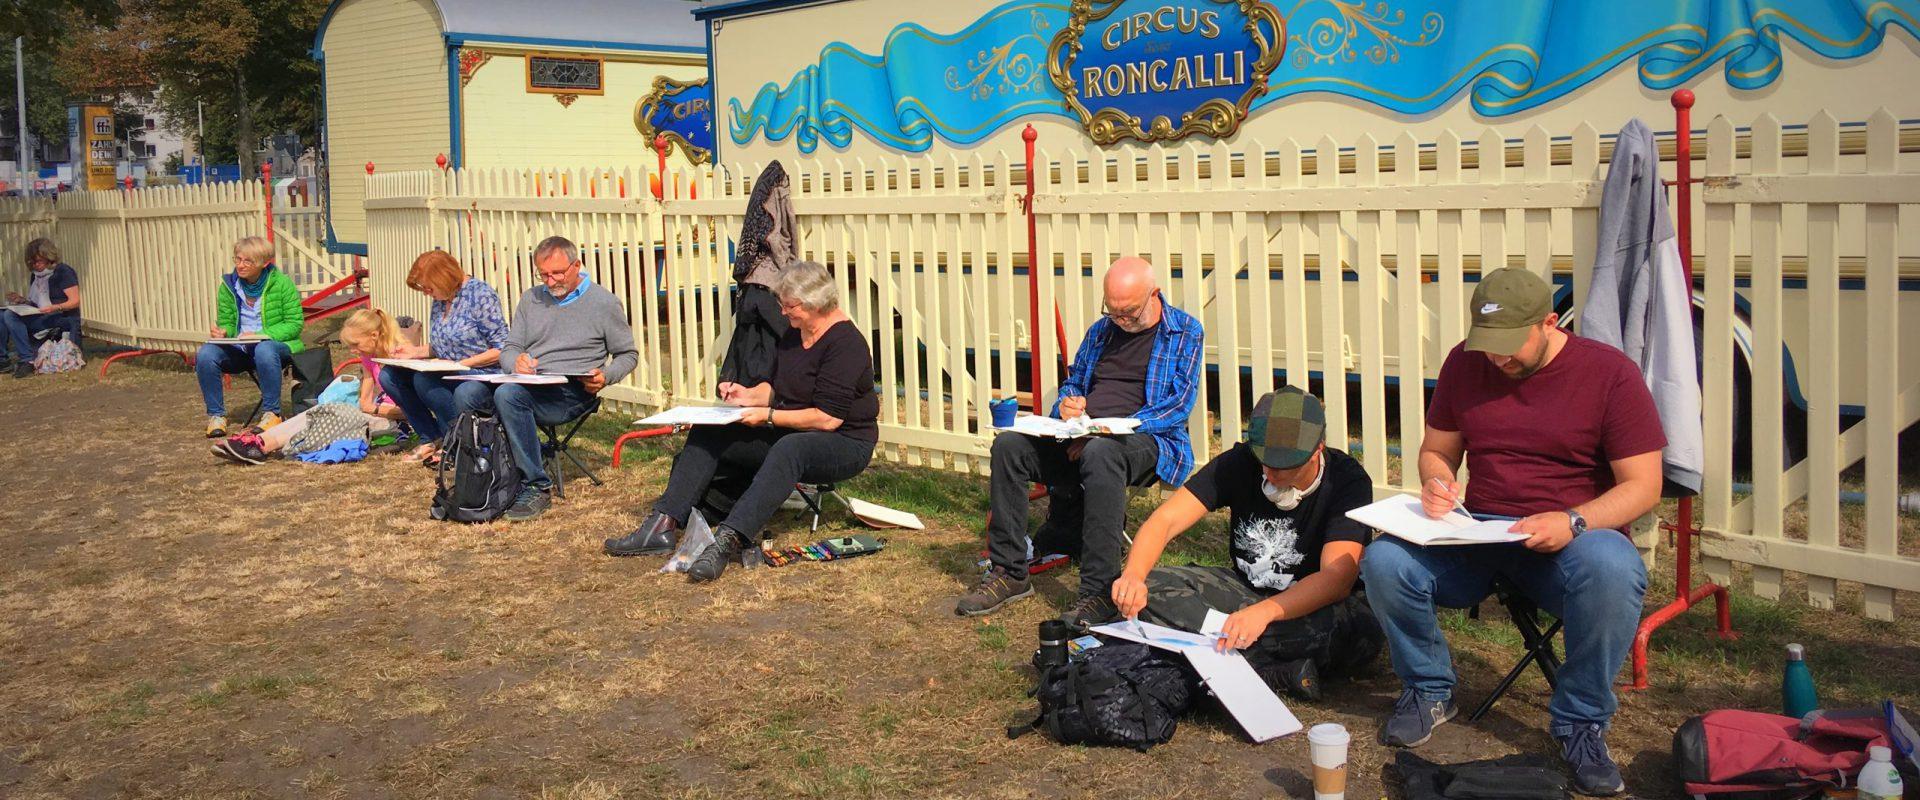 Zeichnen im Circus Roncalli 2019